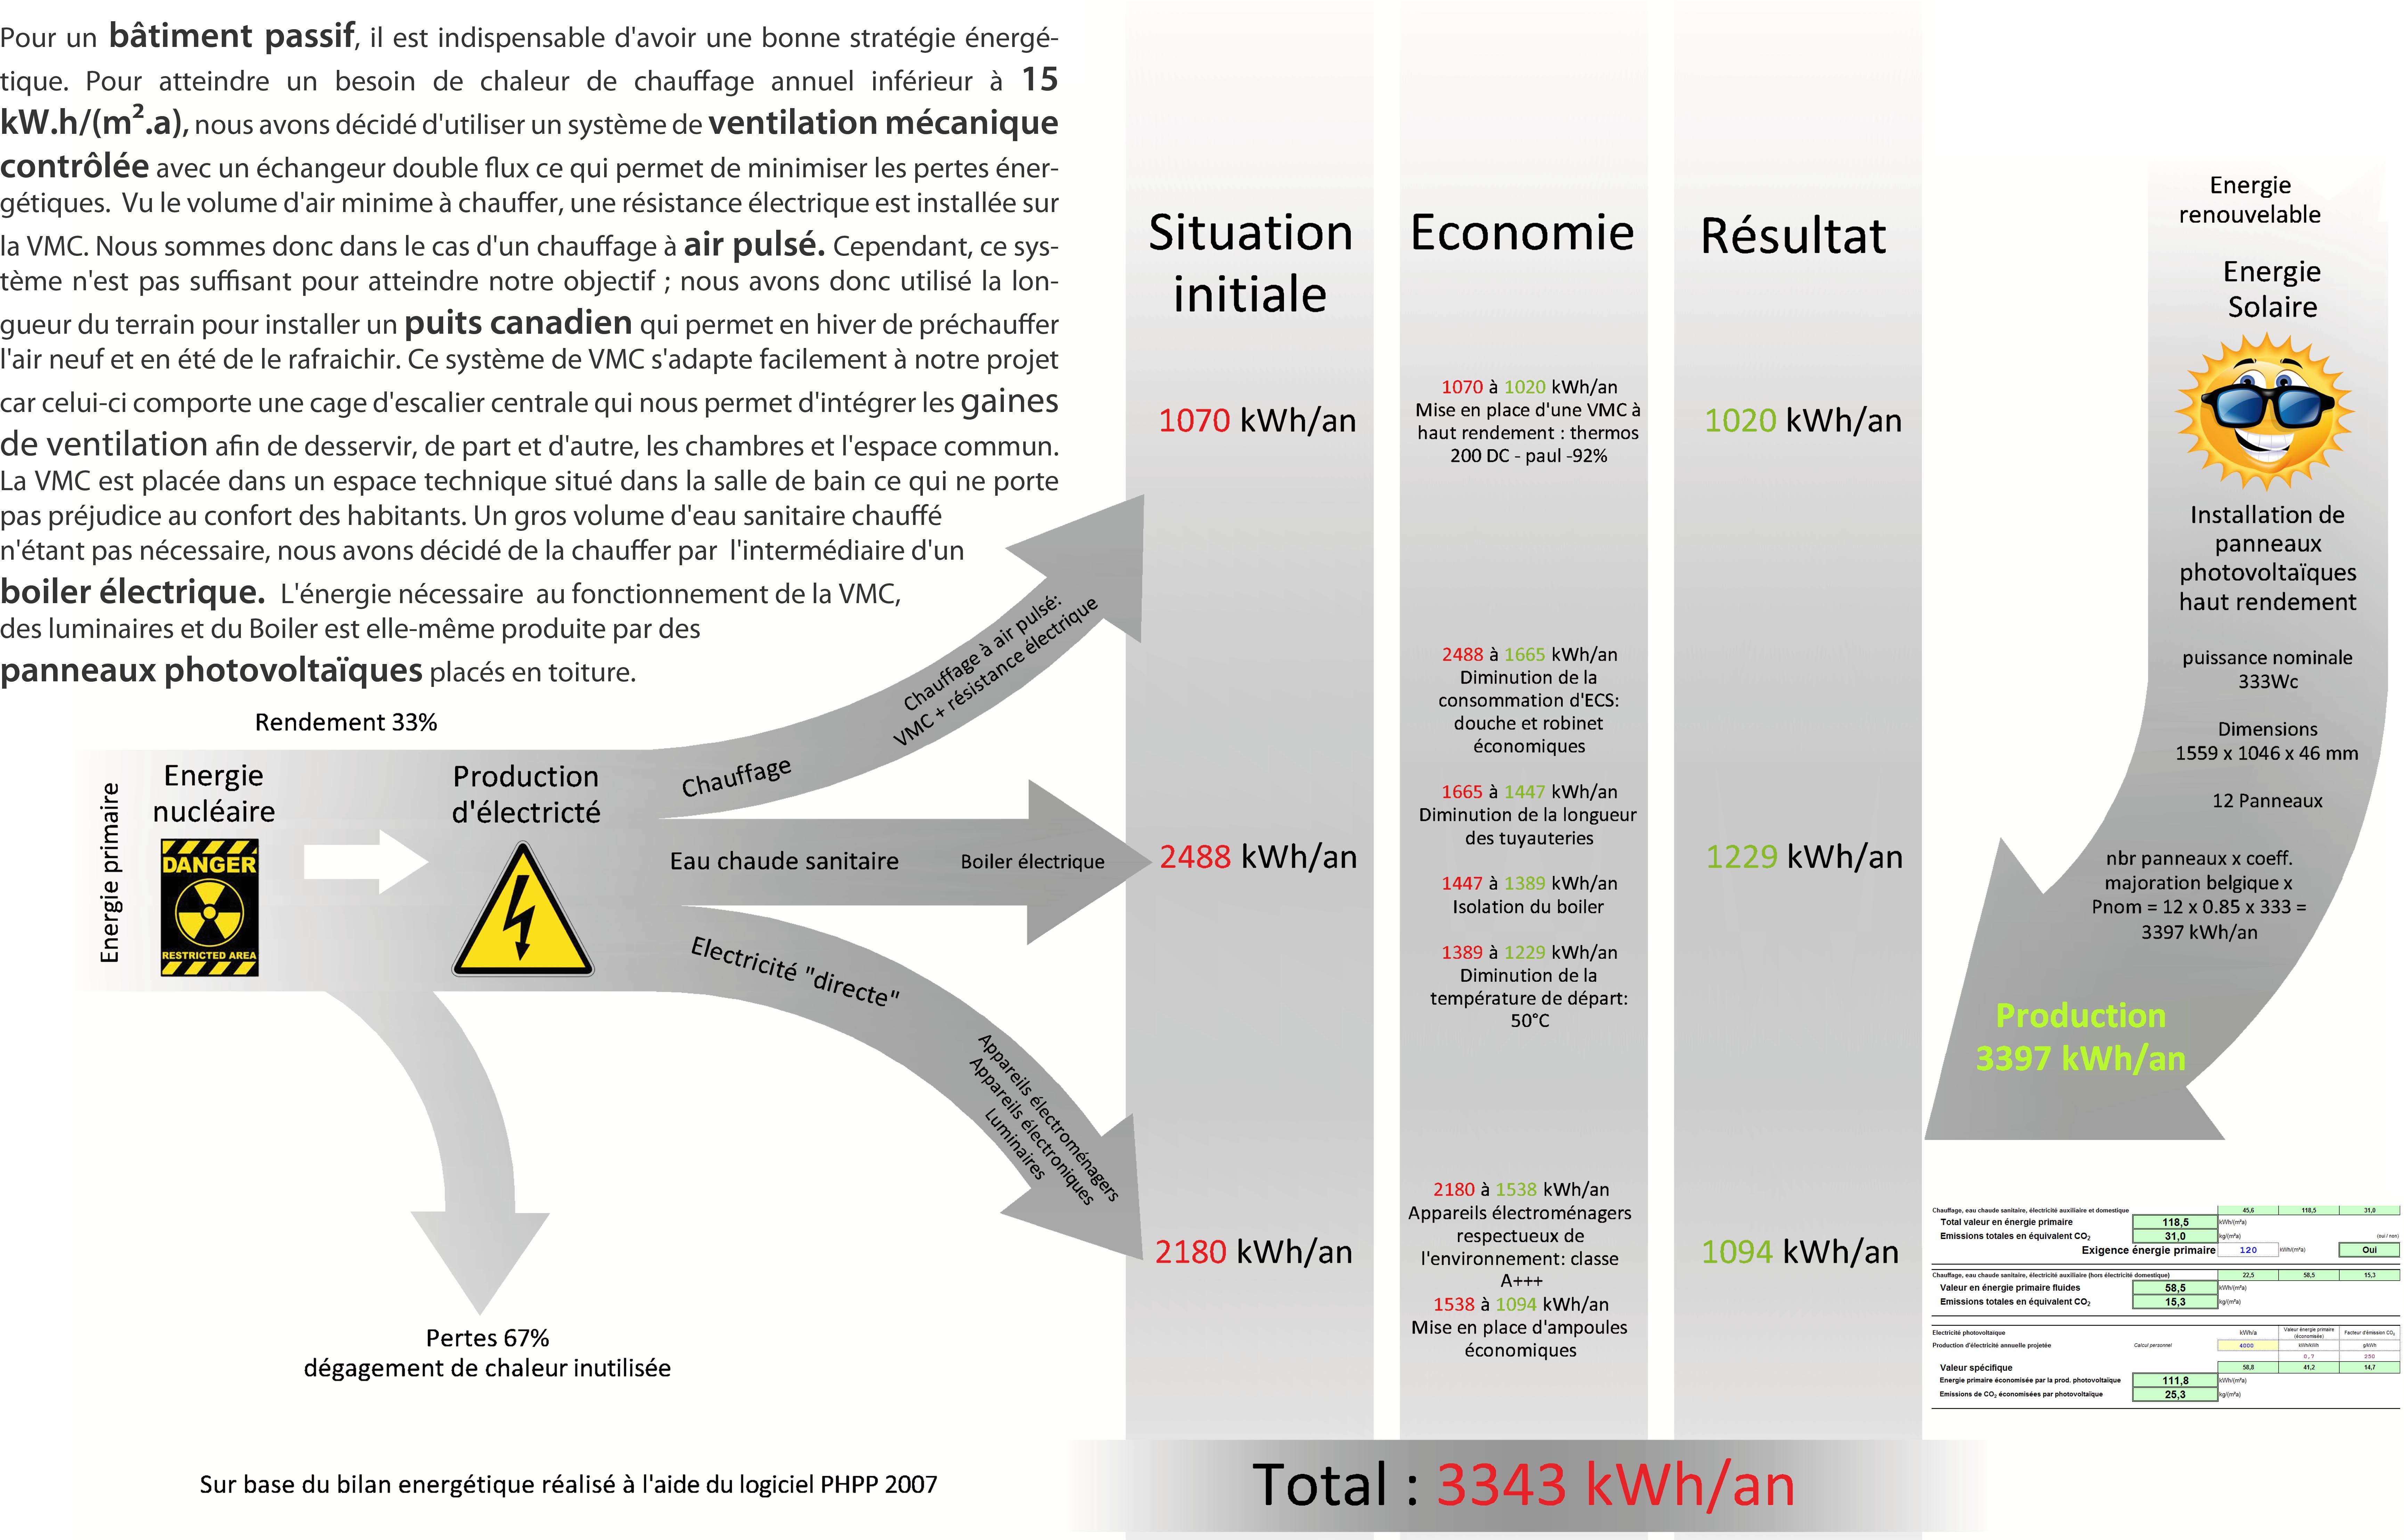 Tableau répartition énergie